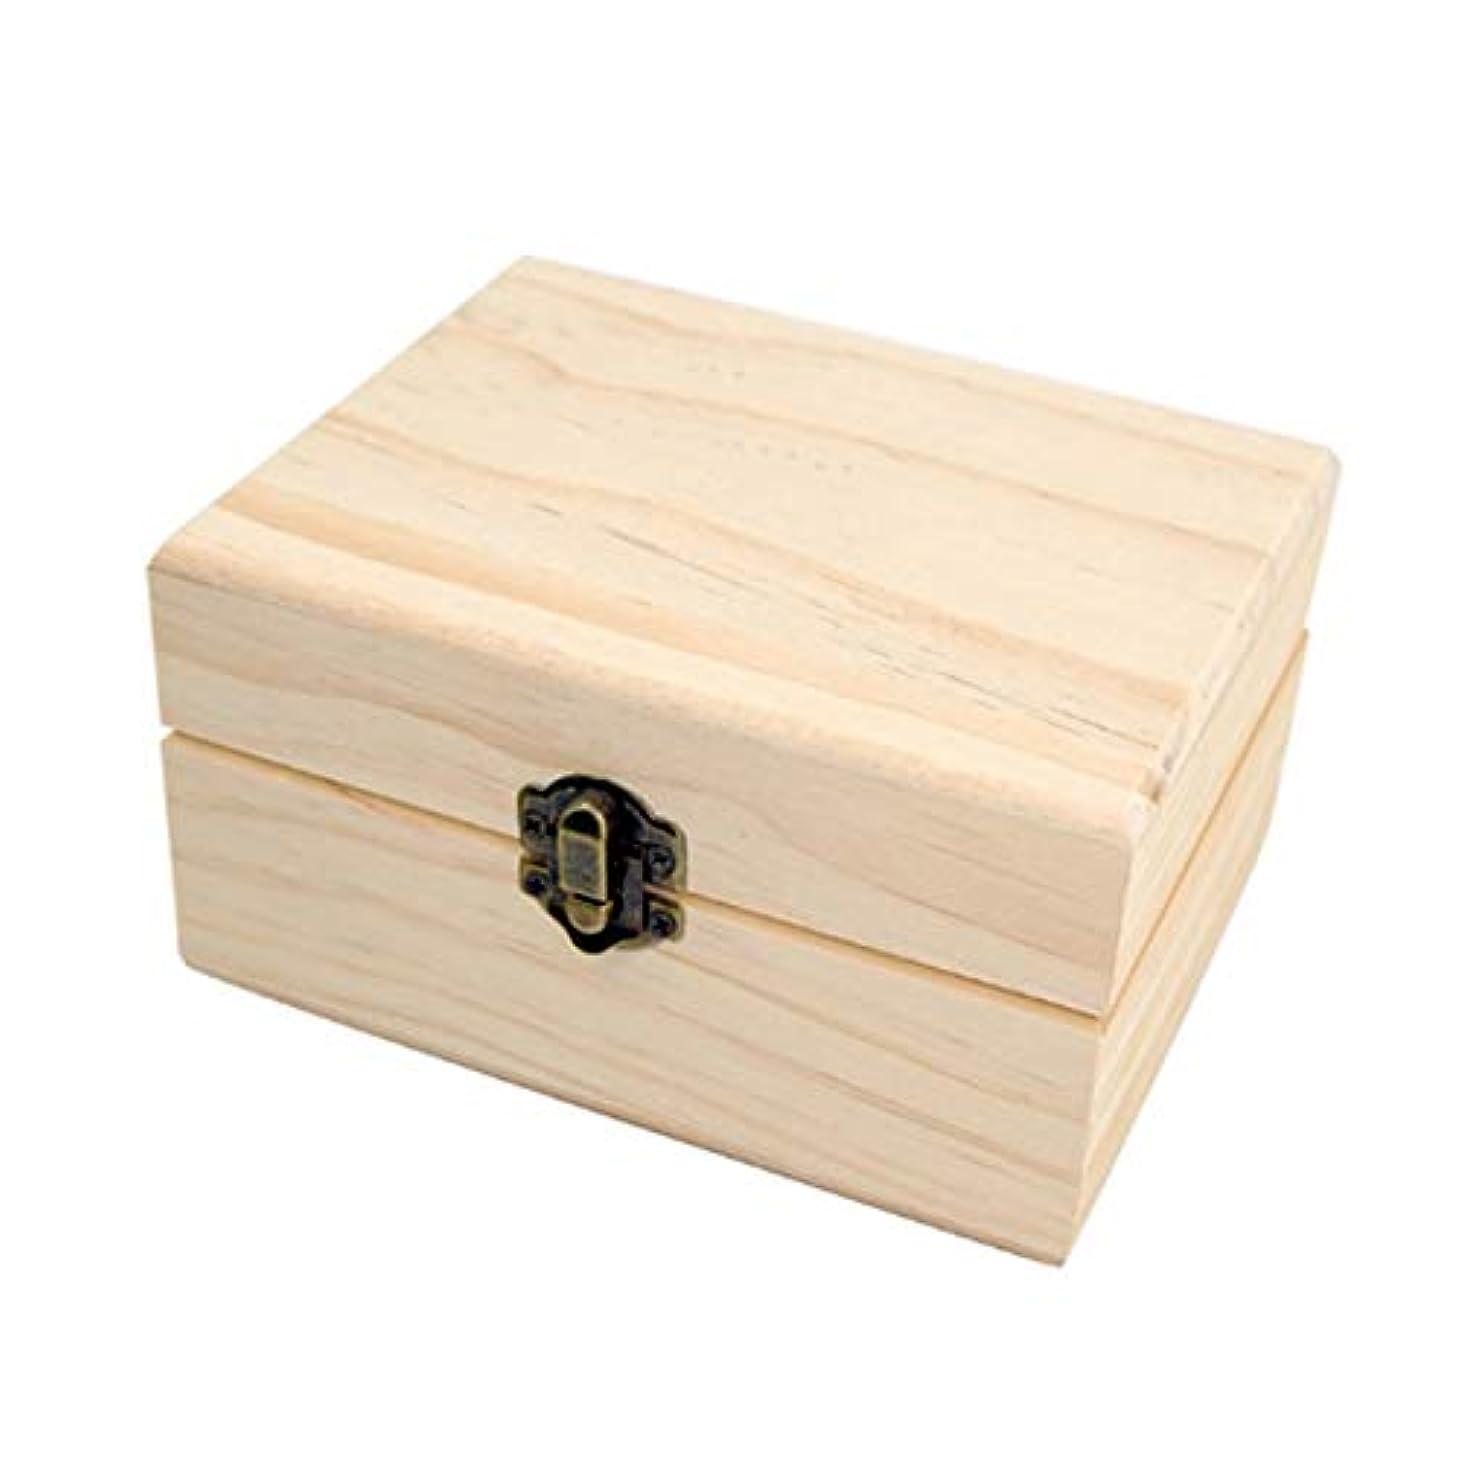 配列祈る肩をすくめるフェリモア エッセンシャルオイル 収納ボックス ボトル用 松 木製 格子状 倒れにくい 12マス (ブラウン)